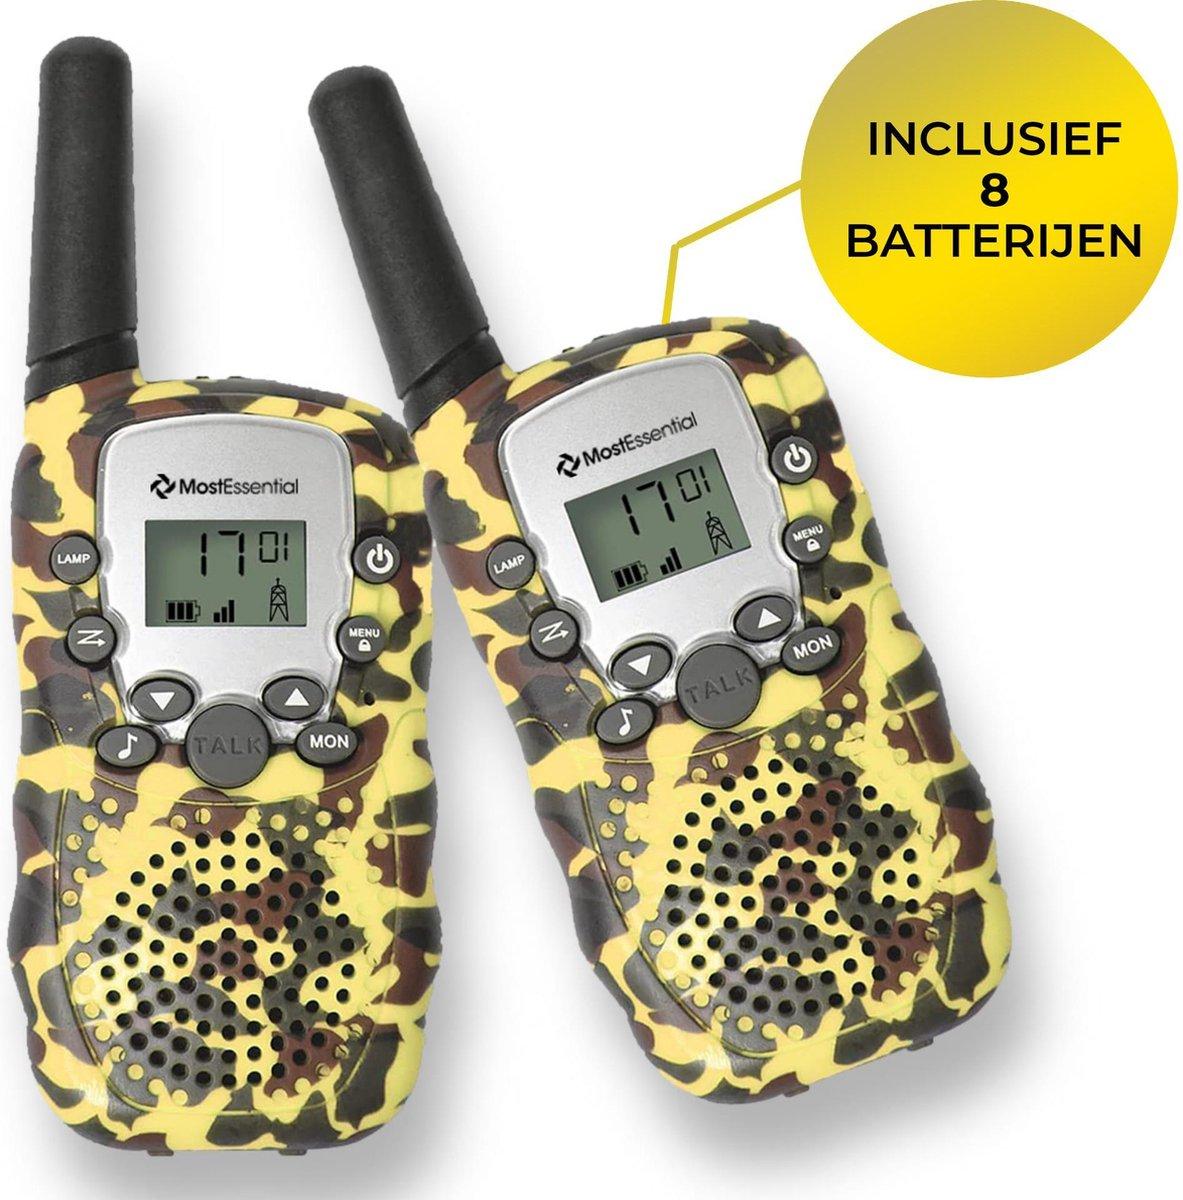 MostEssential Premium Walkie Talkie voor Kinderen - Walkie Talkie - Portofoon - Inclusief 8 Batterijen - Geel